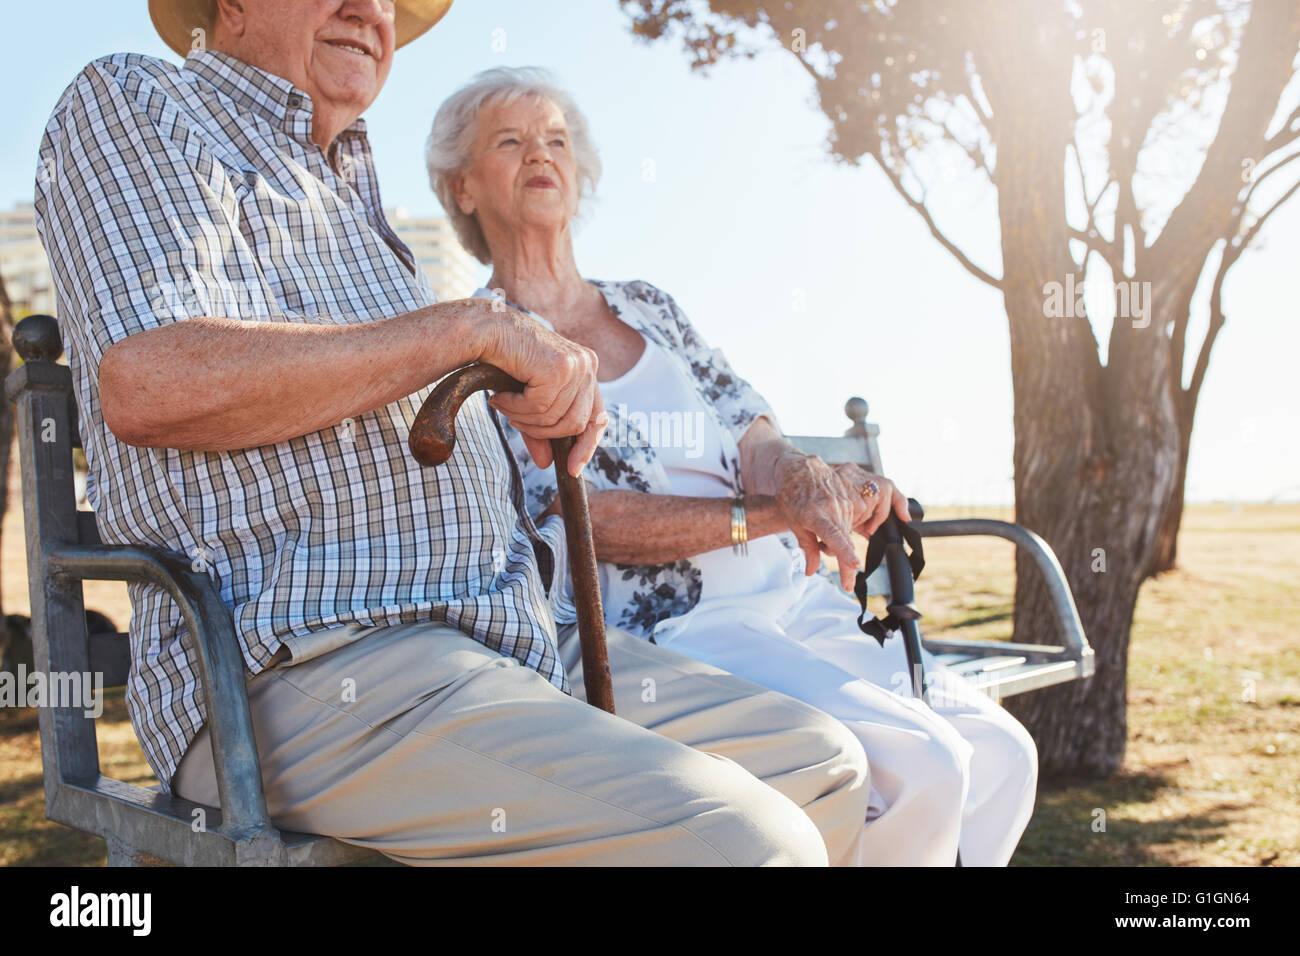 Coppia senior seduta su una panchina nel parco con un bastone. Coppia di anziani di relax all'aperto su un giorno Immagini Stock